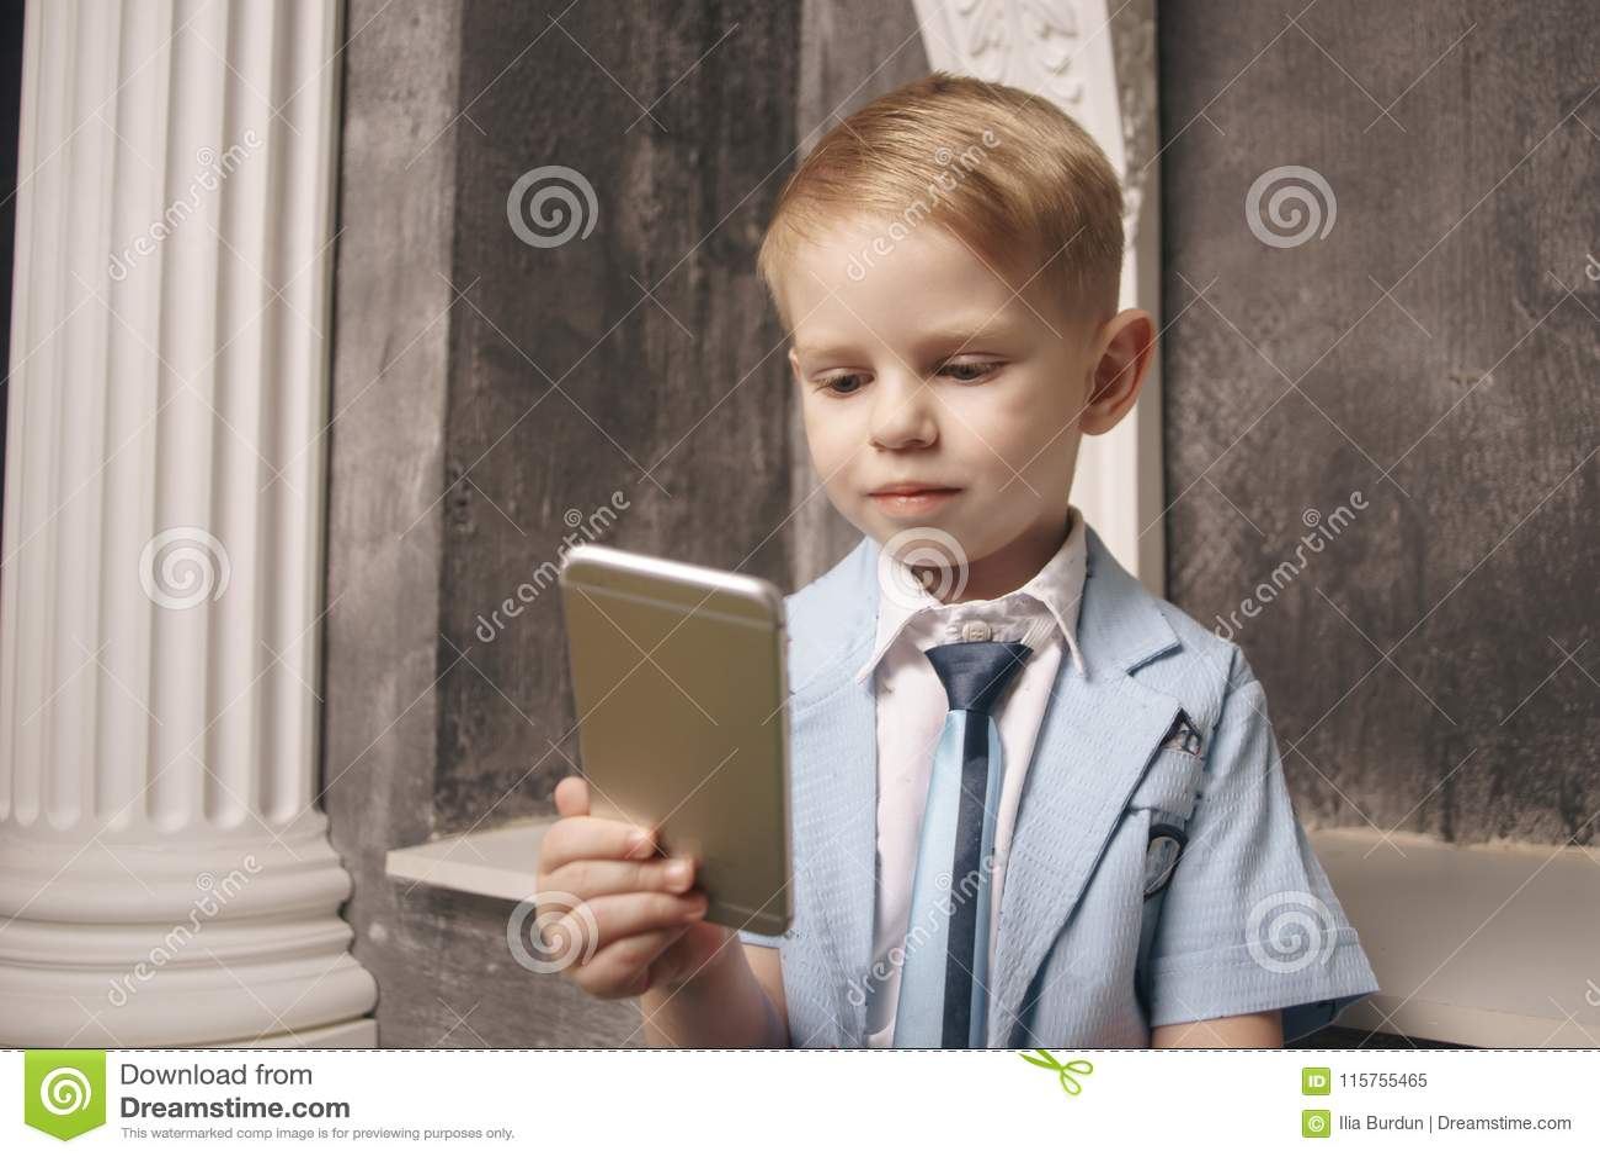 Vrije tijd, kinderen, technologie, Internet-mededeling en mensenconcept - glimlachende jongen met smartphone texting bericht